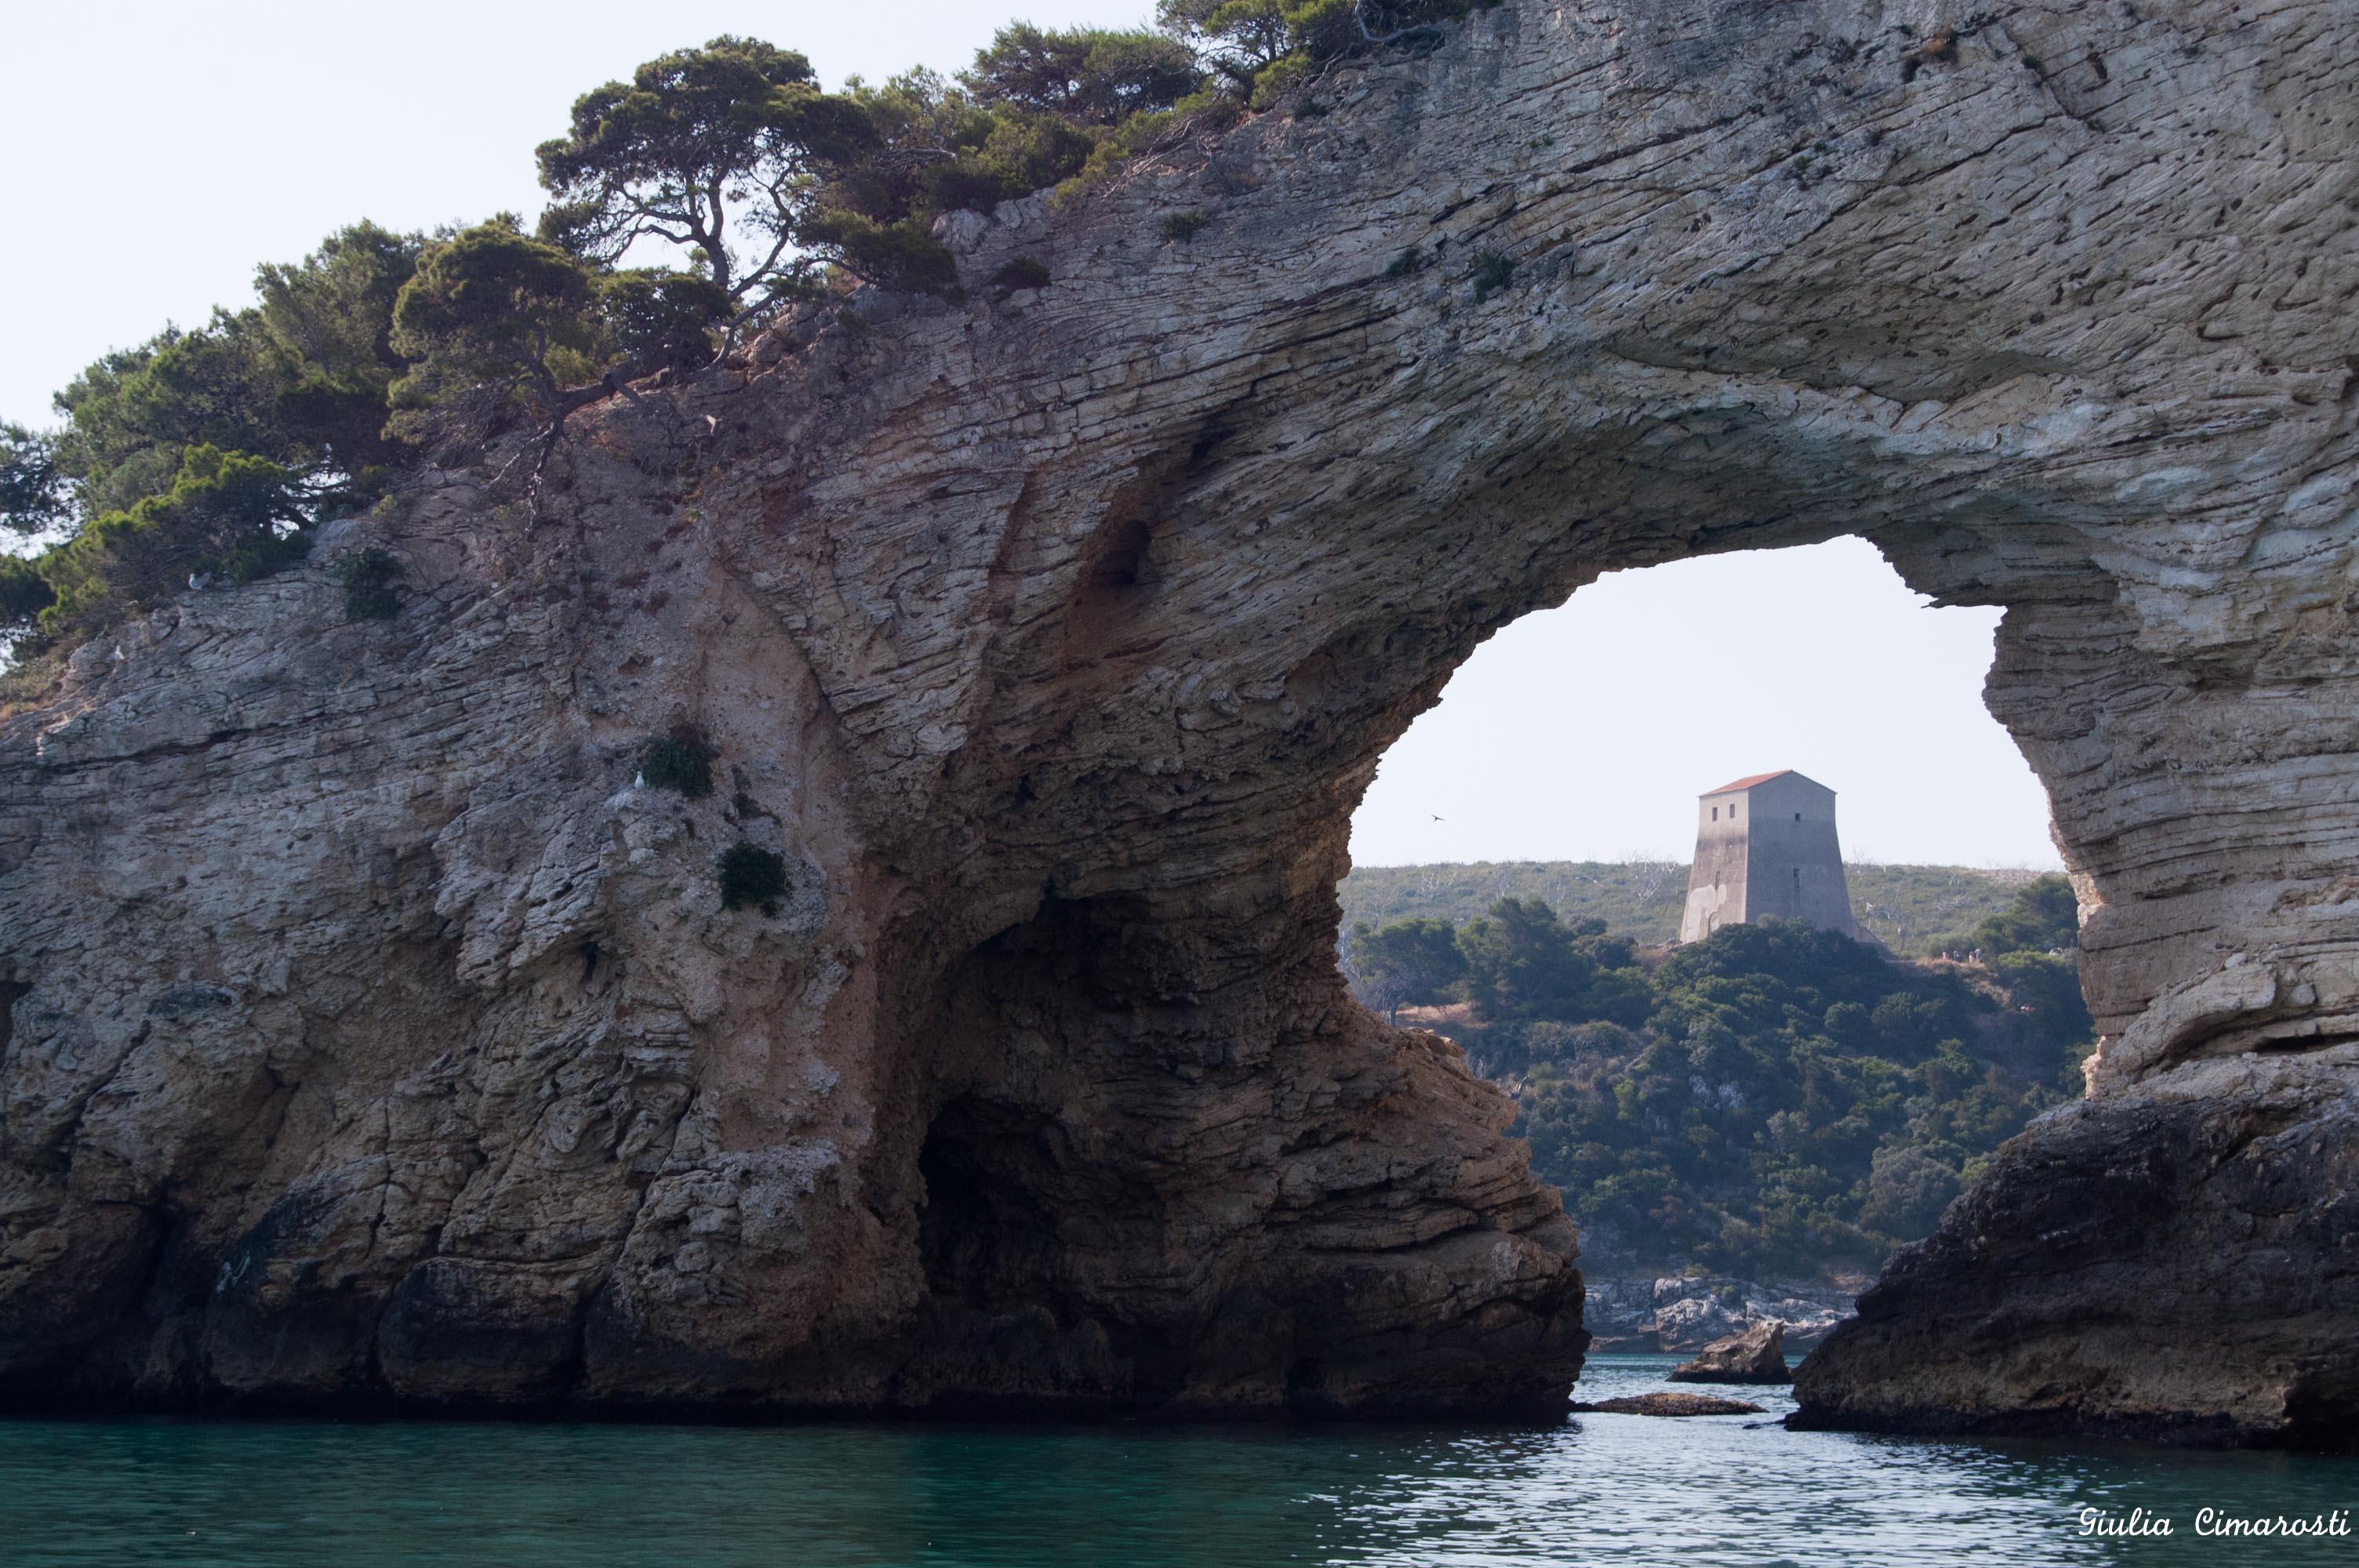 Rock arch, Gargano, Apulia